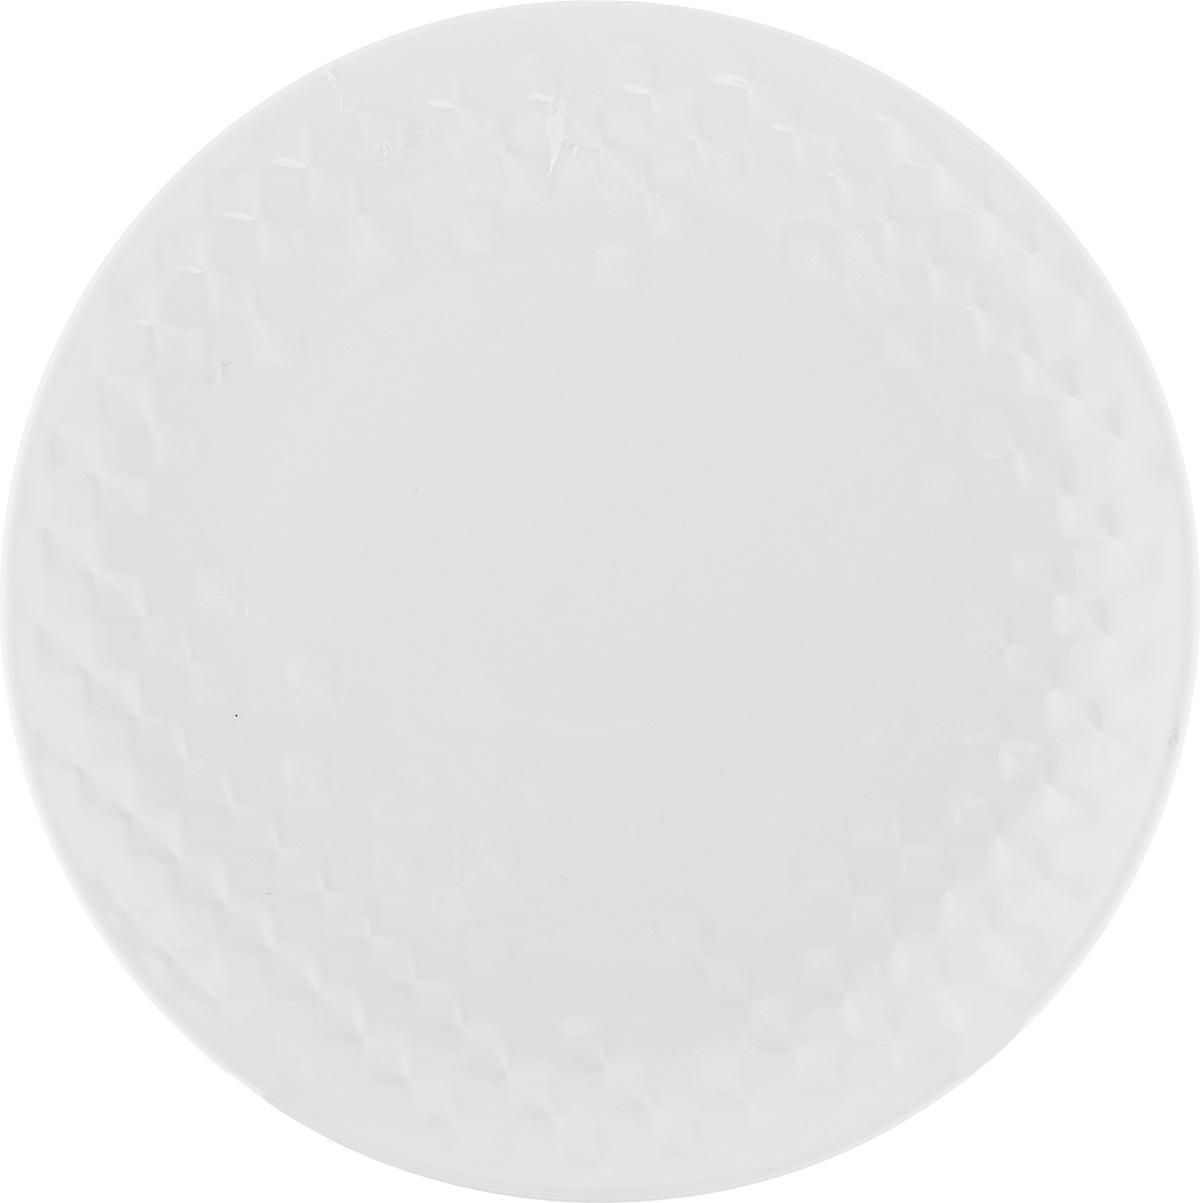 Тарелка десертная Walmer Sapphire, цвет: белый, диаметр 20,5 см115510Десертная тарелка Walmer Sapphire изготовлена из экологически чистого фарфора. Изделие оформлено объемным рельефным орнаментом.Такая тарелка прекрасно подходит как для торжественных случаев, так и для повседневного использования. Идеальна для подачи десертов, пирожных, тортов. Она прекрасно оформит стол и станет отличным дополнением к вашей коллекции кухонной посуды.Можно использовать в посудомоечной машине и СВЧ.Диаметр (по верхнему краю): 20,5 см.Высота стенки: 2,3 см.